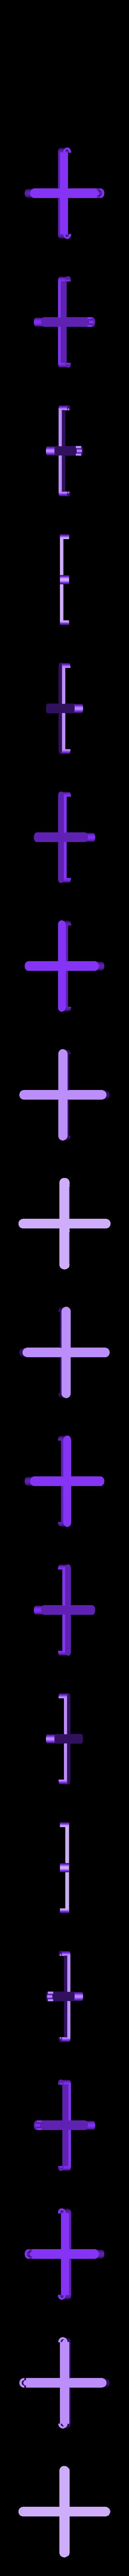 Ragno.stl Télécharger fichier STL gratuit Véhicule d'assemblage de bricolage • Objet pour impression 3D, Tanleste46